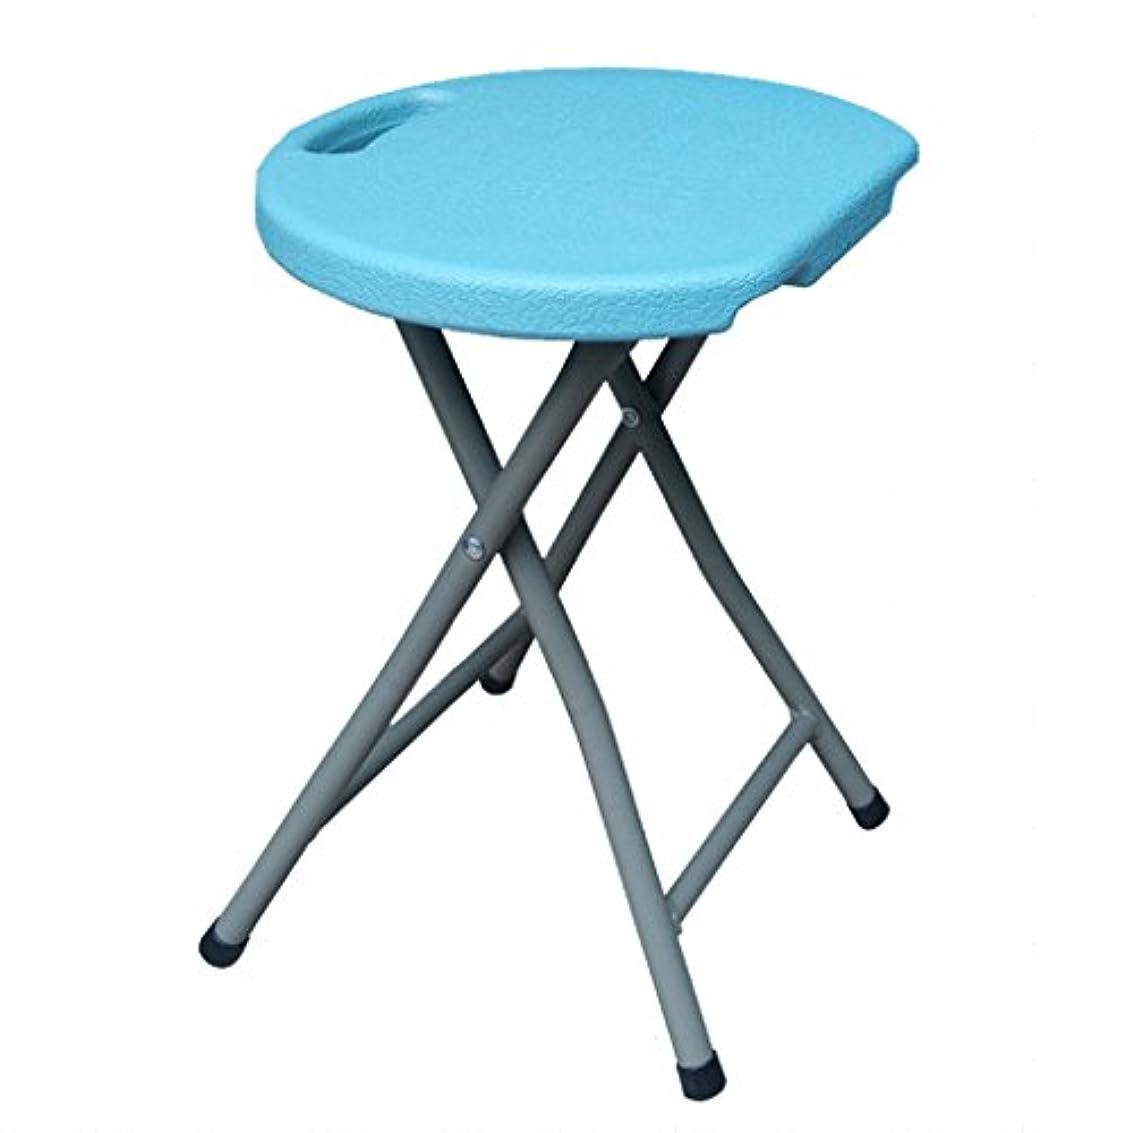 違うつまらない耐久チェア?テーブルアクセサリ 小さなスツールフットスツール座り心地は疲れていません350KGのスツールの重量に耐えることができますアウトドアレジャースツール (Color : Blue, Size : 45 * 33 cm/18 * 13inch)